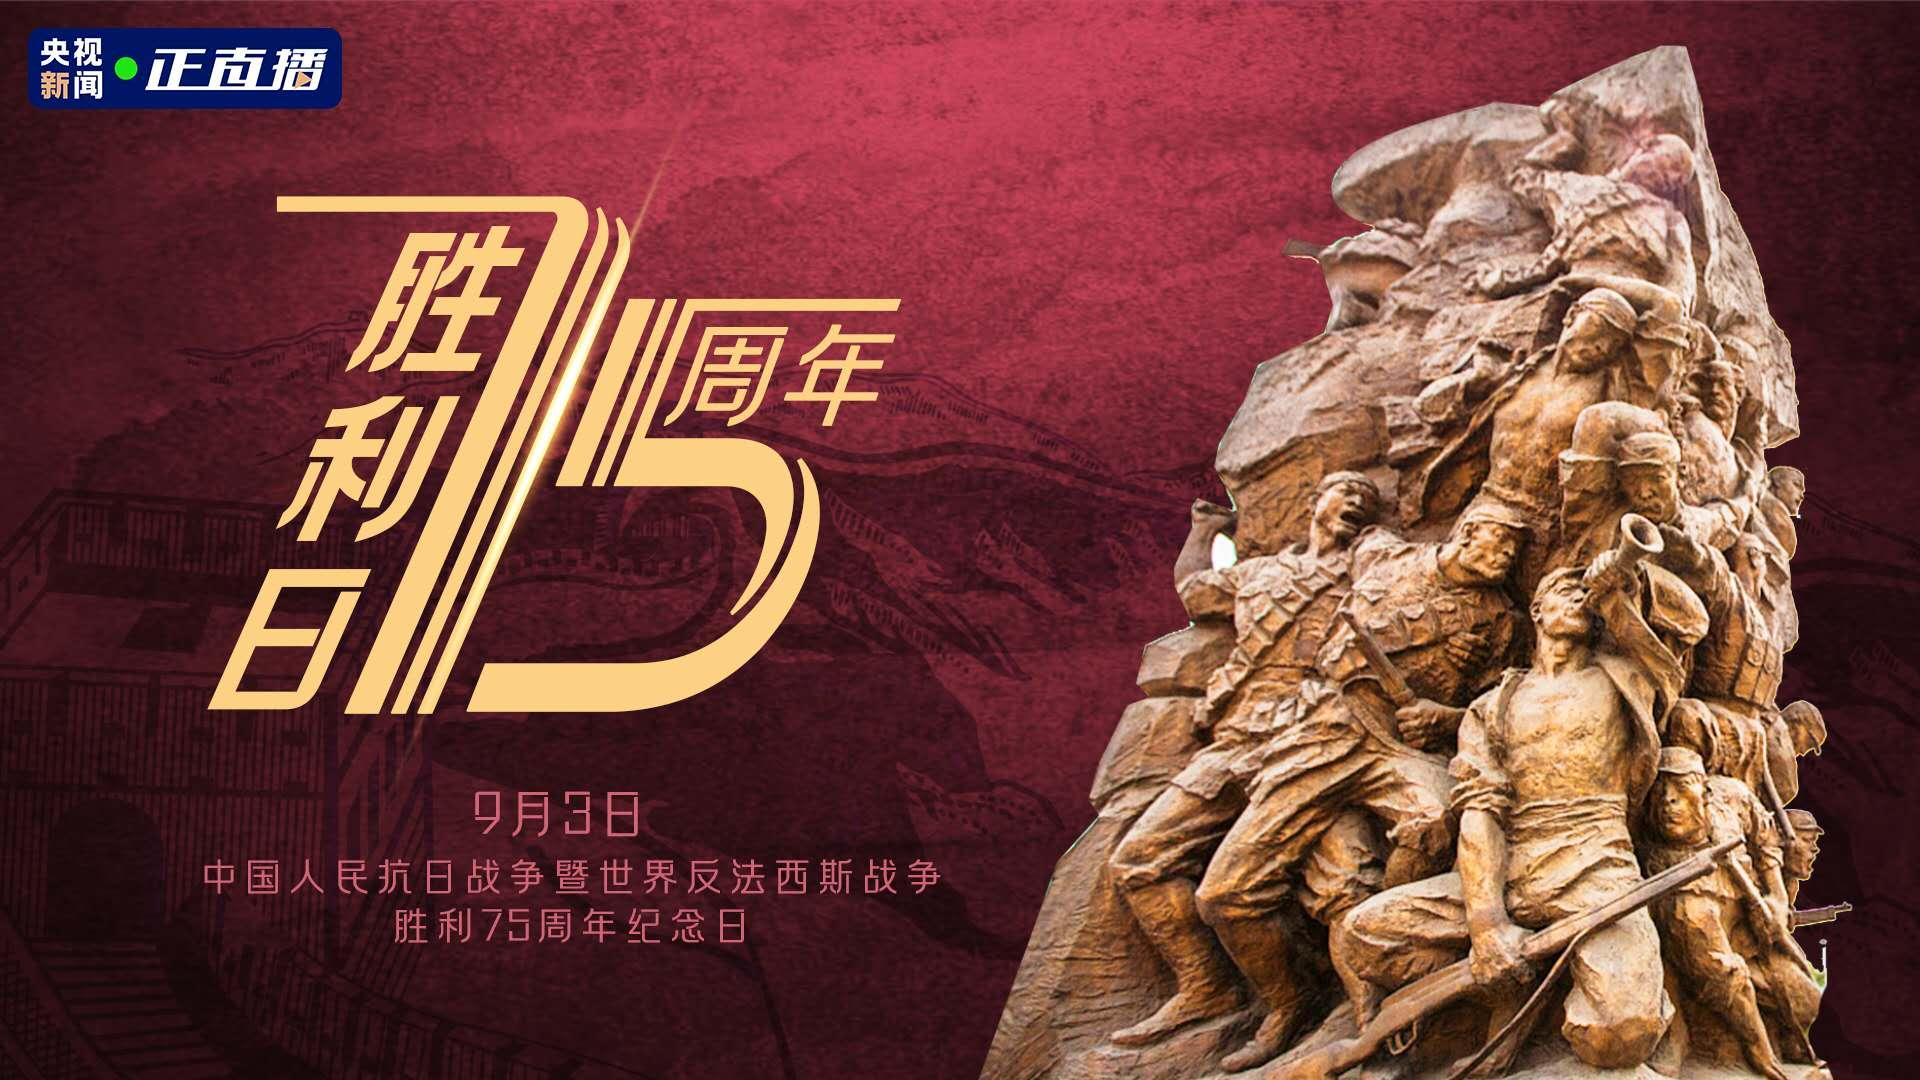 勝利日 · 紀念中國人民抗日戰爭暨世界反法西斯戰爭勝利75周年